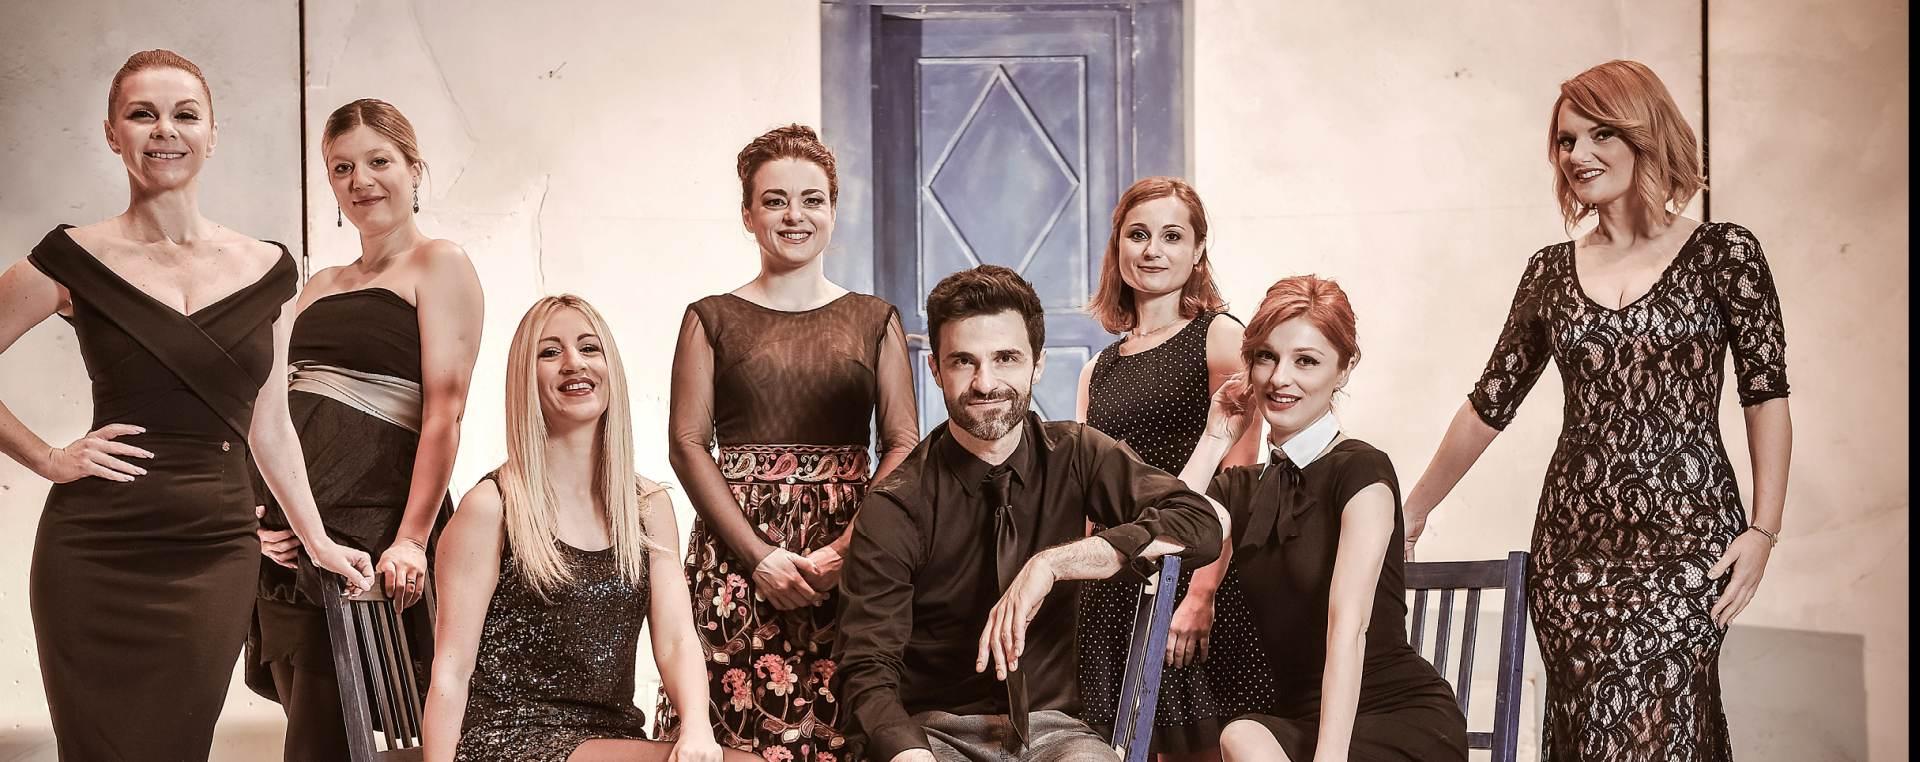 Mjuzikl 'Mamma Mia!' pravi je kazališni fenomen rasprodan mjesecima unaprijed